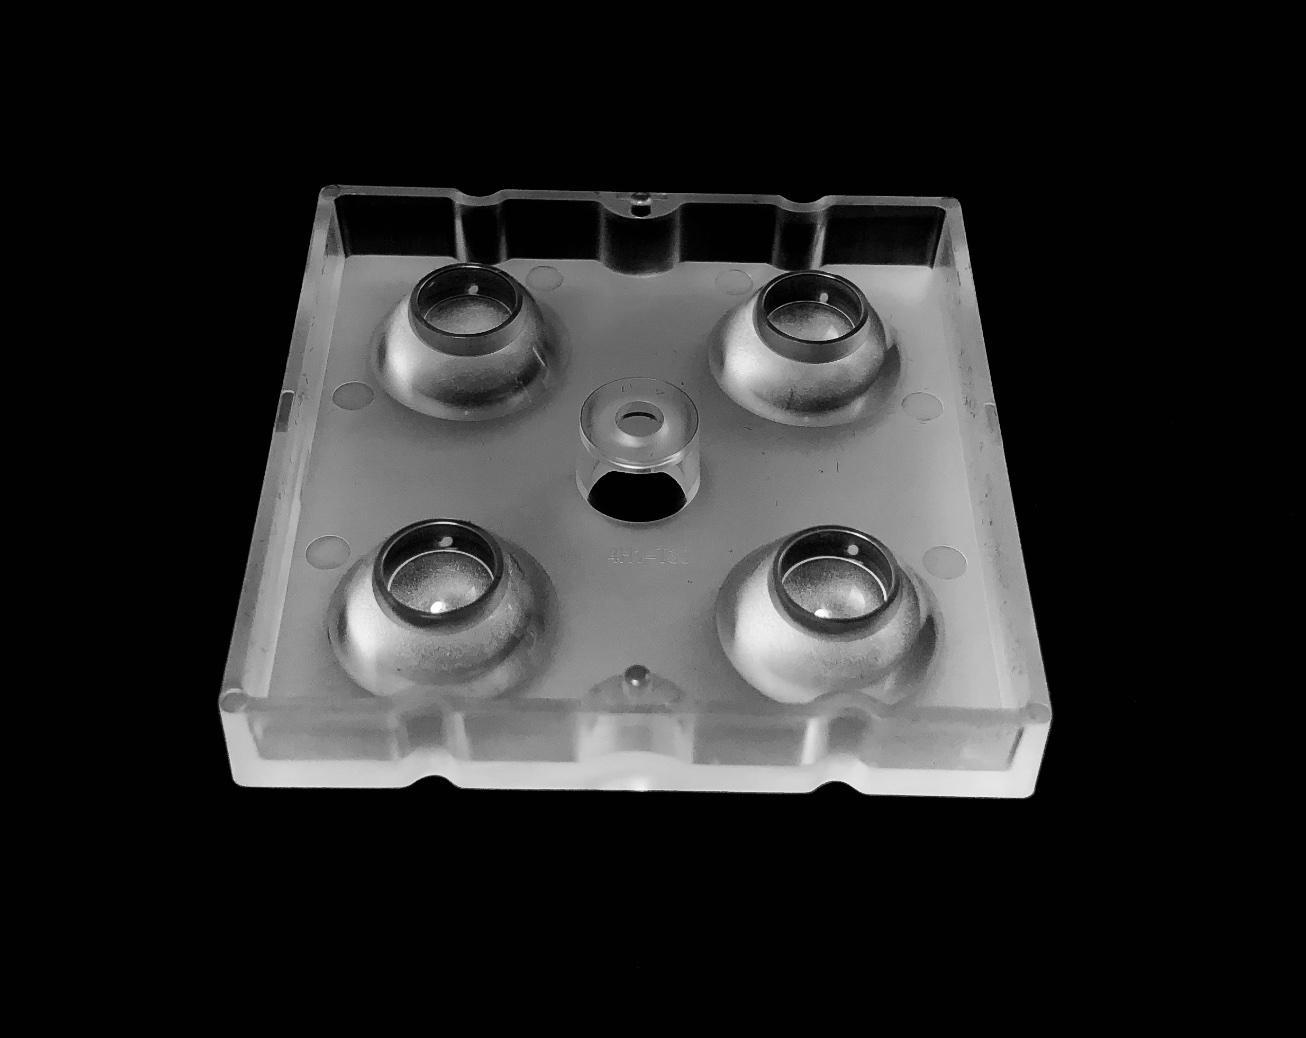 Optical lens lentes optics 4 LEDs lens high bay for 5050LED ALHB50D4LED5050T30G 2